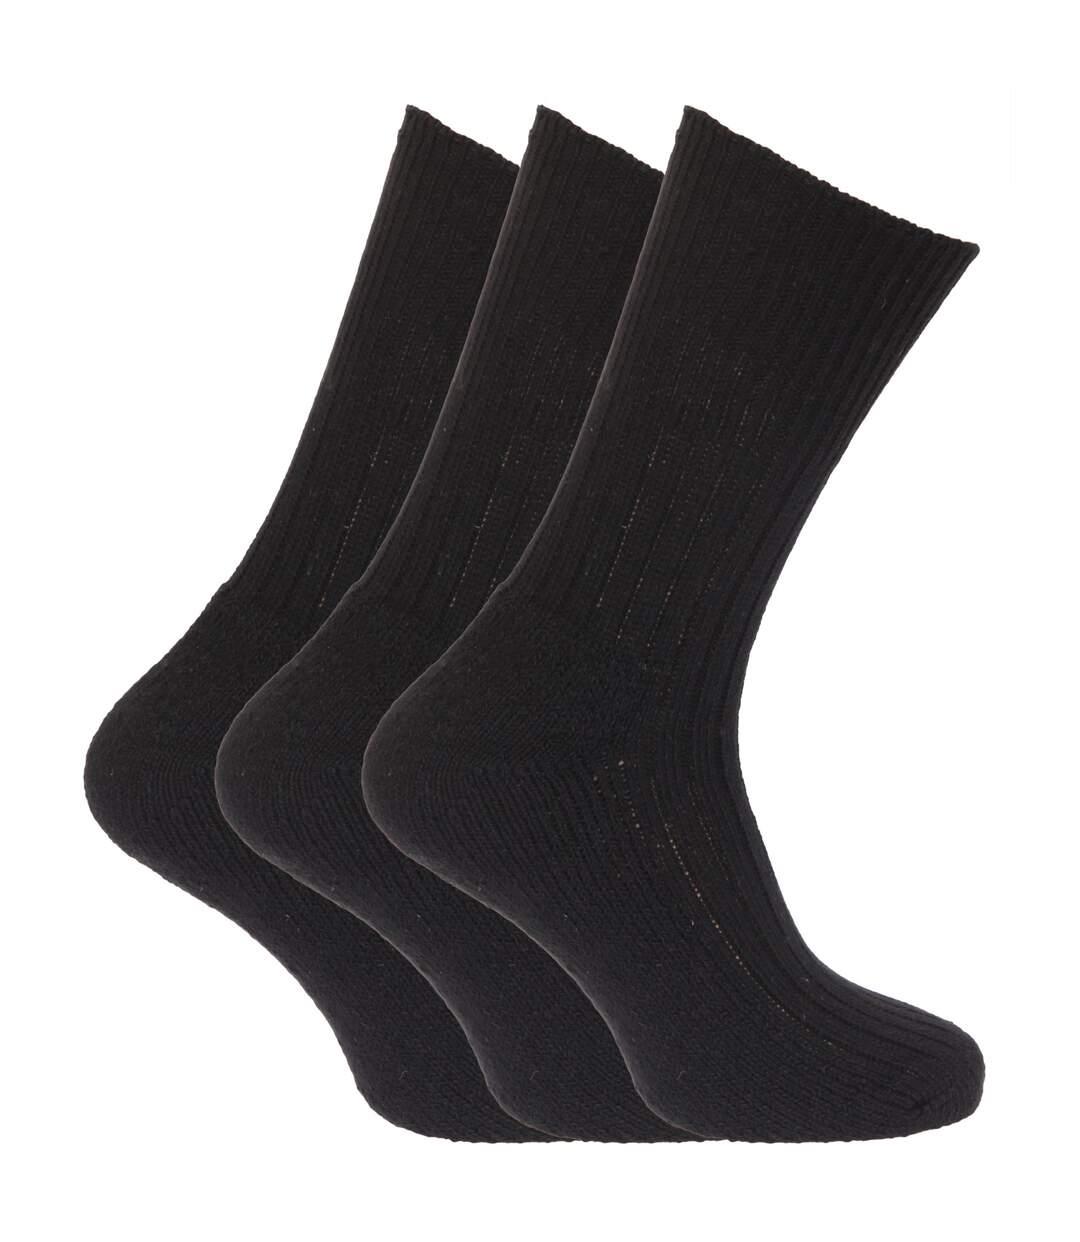 Mens Wool Blend Non Elastic Top Light Hold Socks (Pack Of 3) (Black) - UTMB159